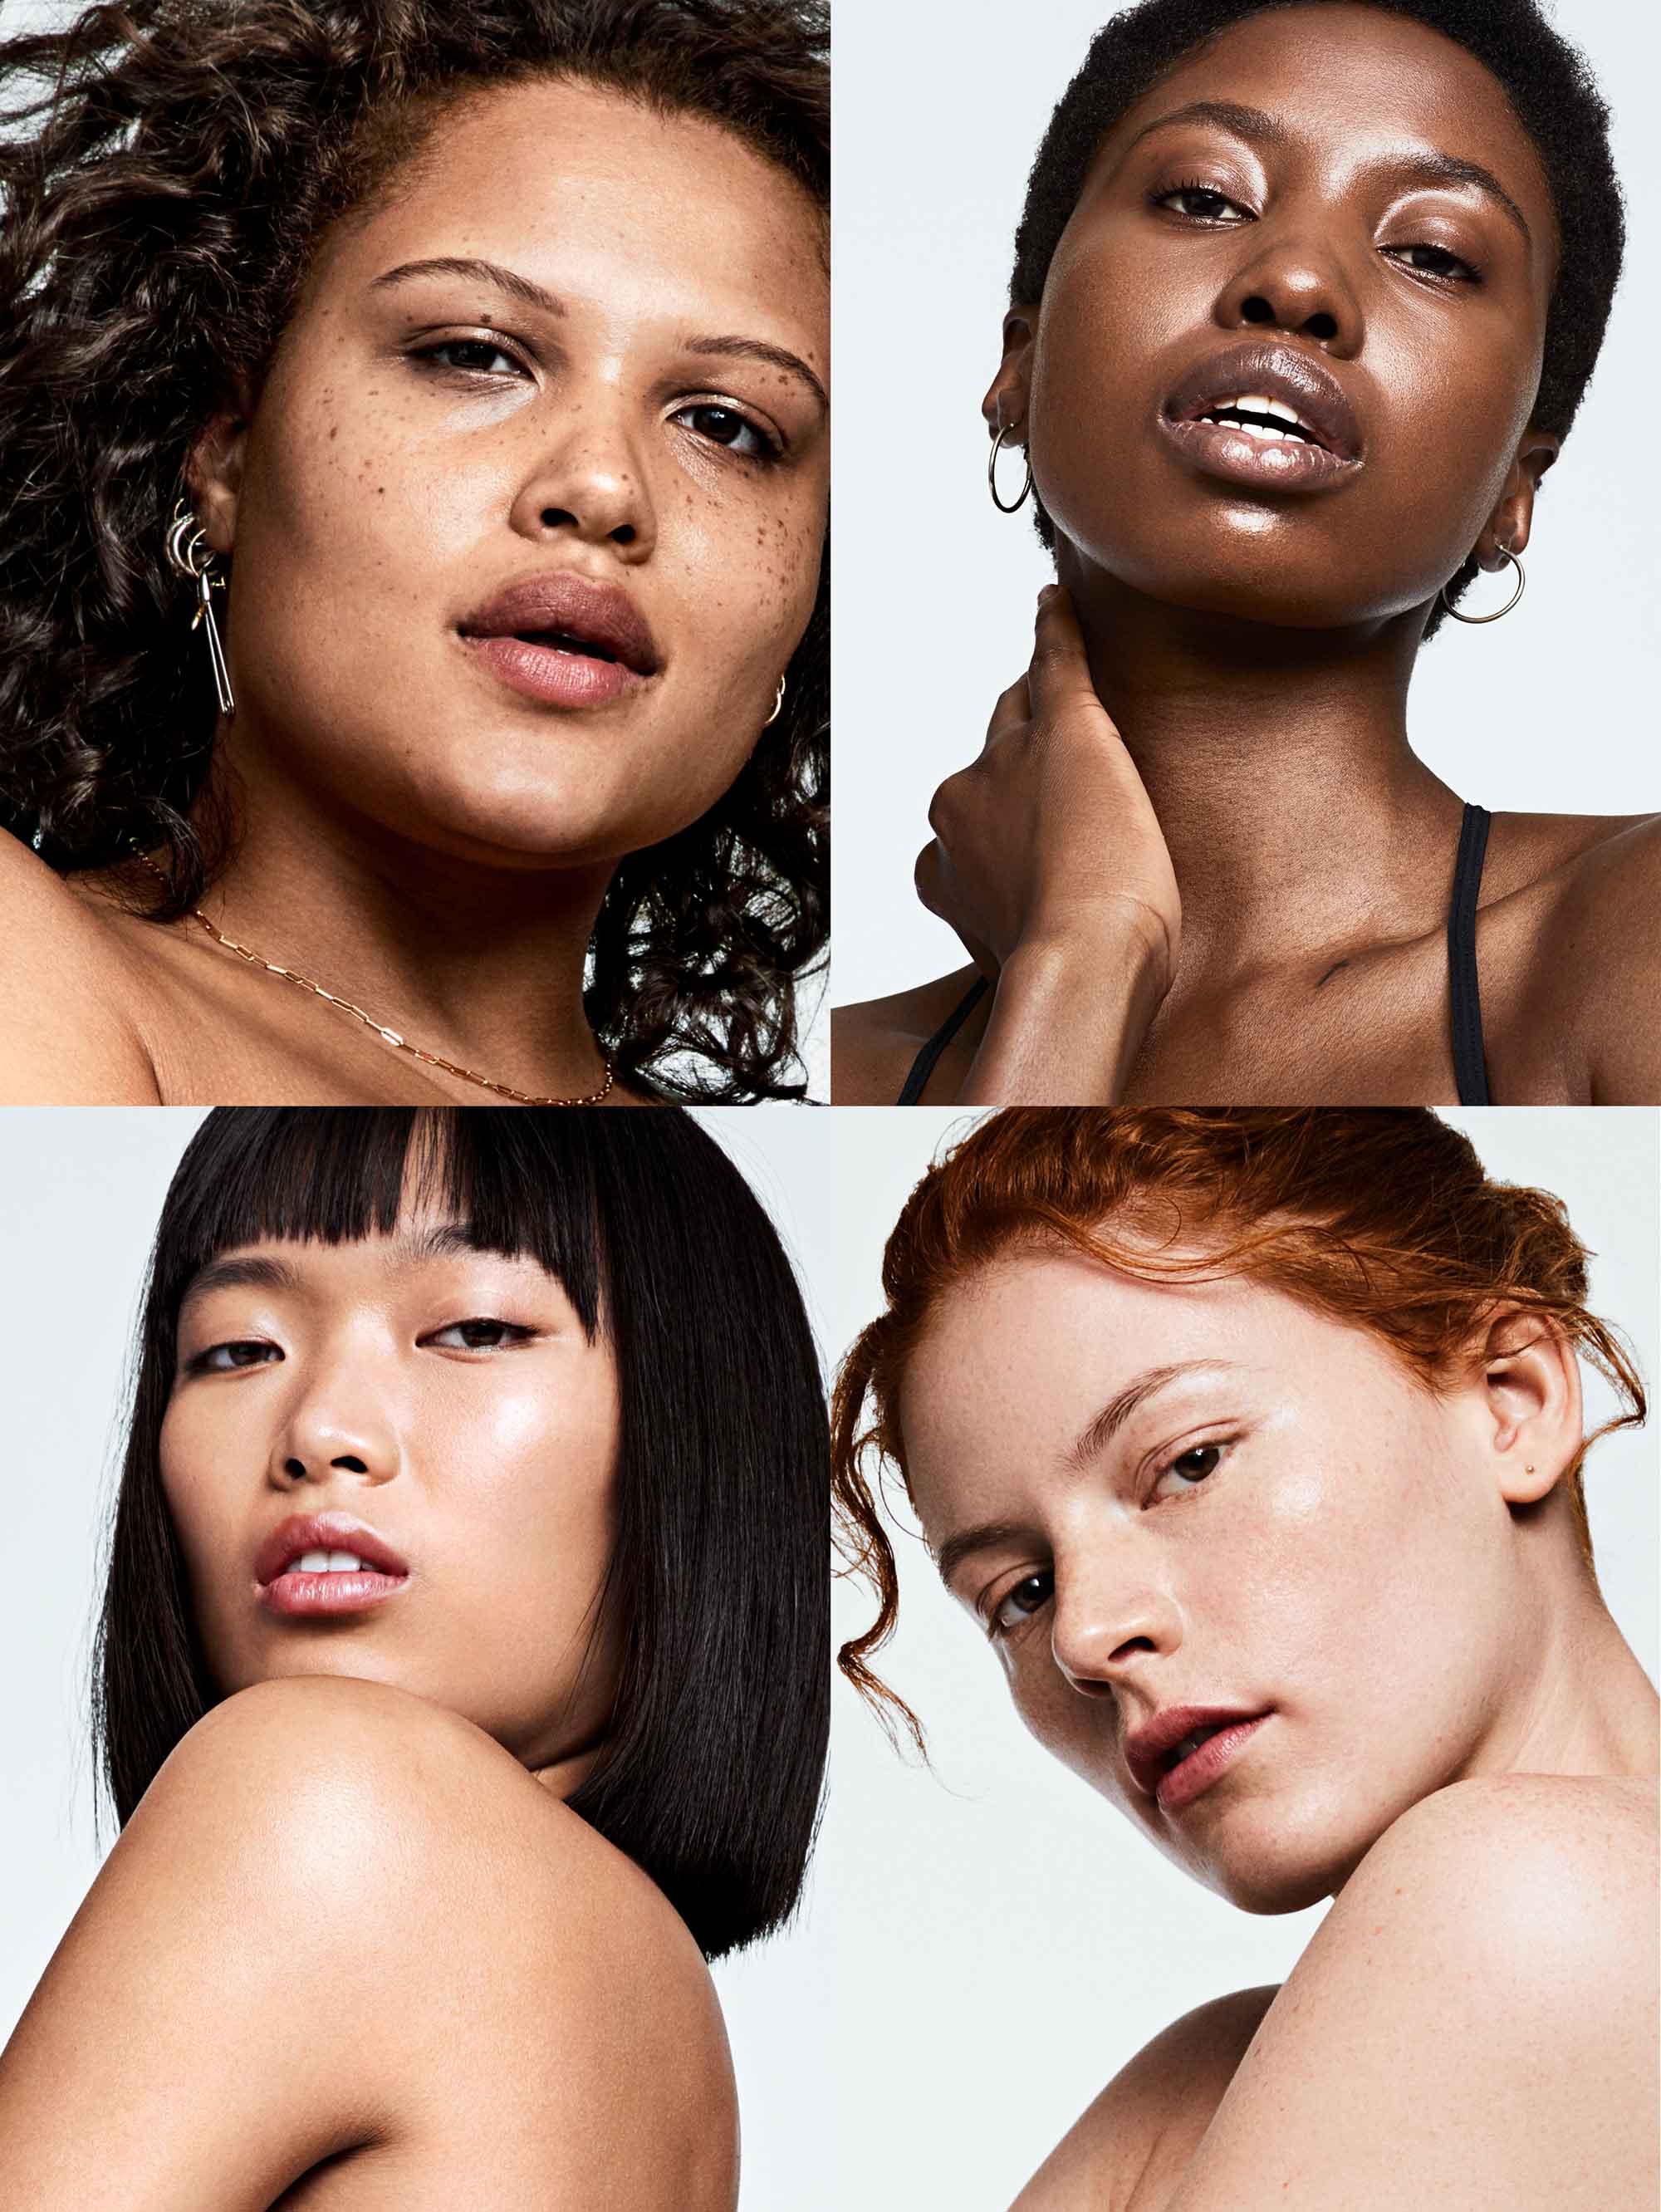 7,5 Milliarden Hauttypen. Eine Creme